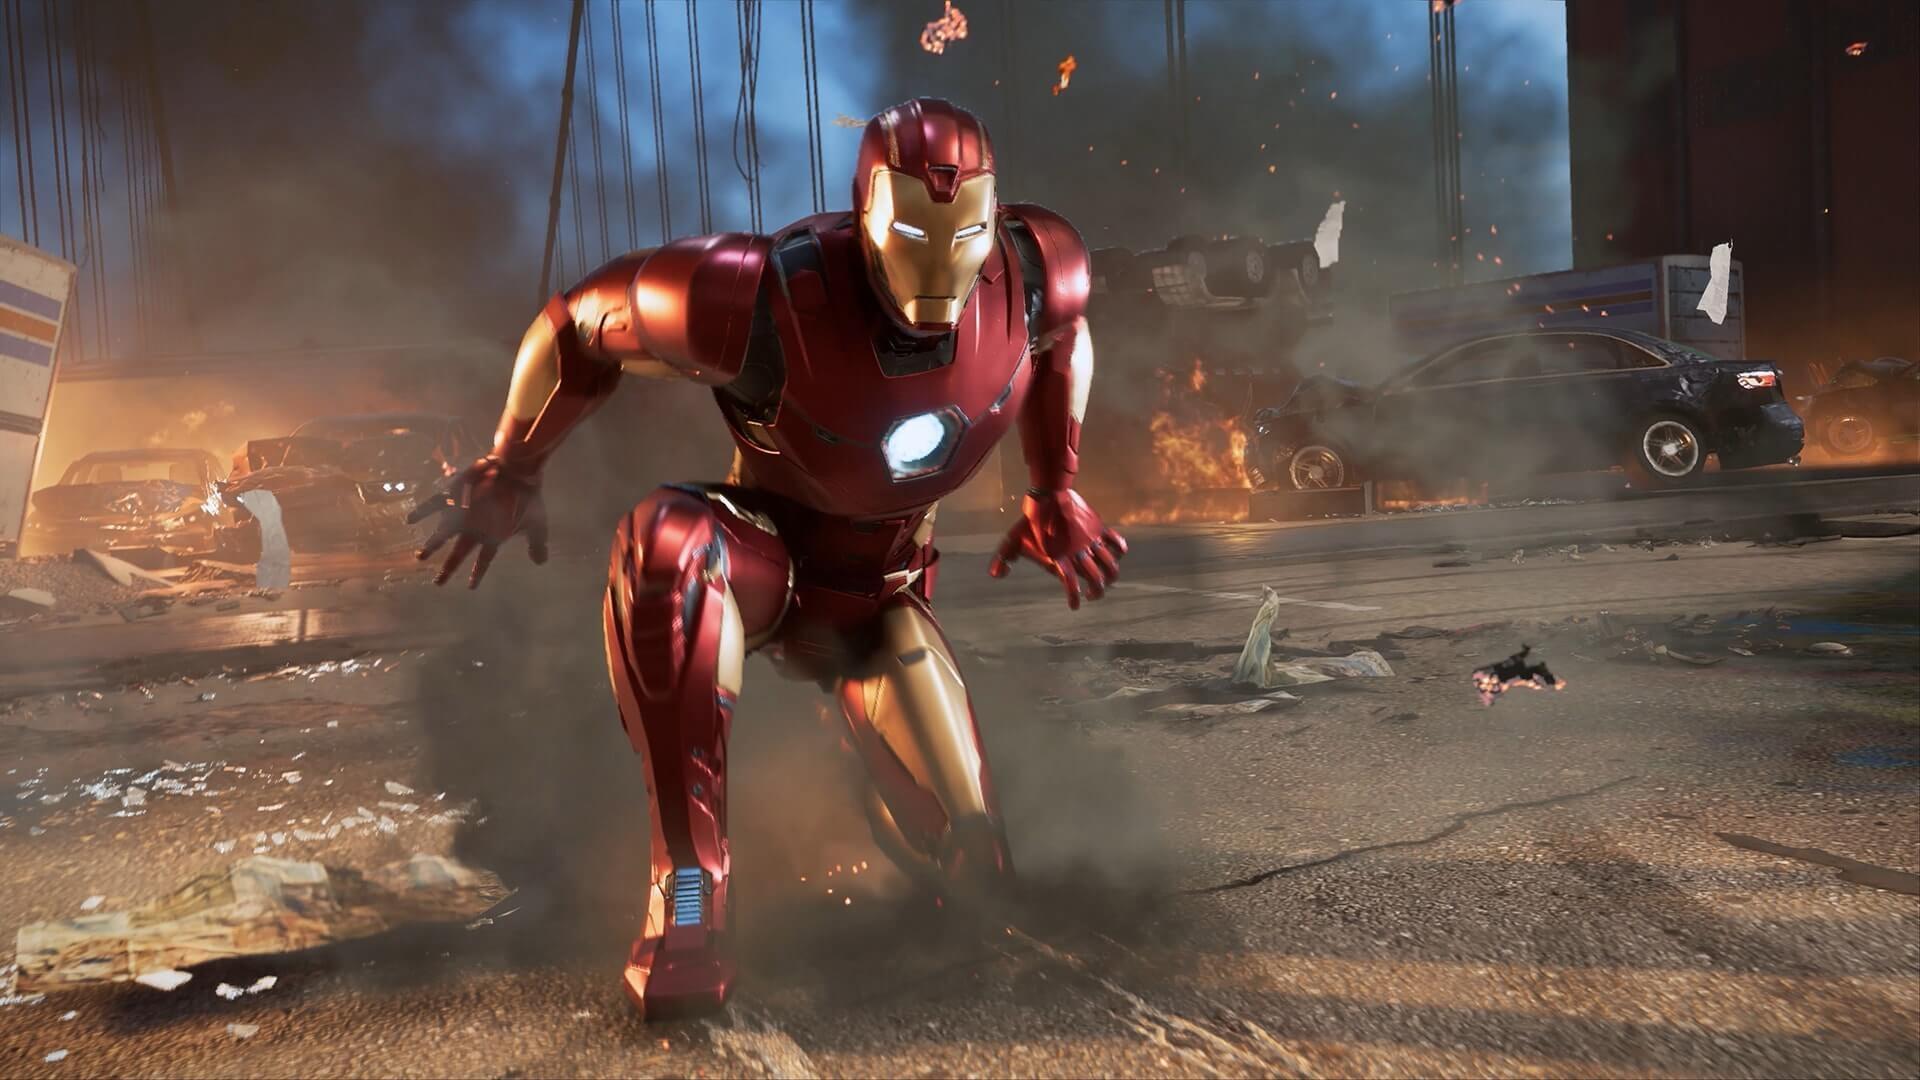 Создатели «Мстителей» рассказали, как дизайнер боевой системы God of War помогает улучшить игру